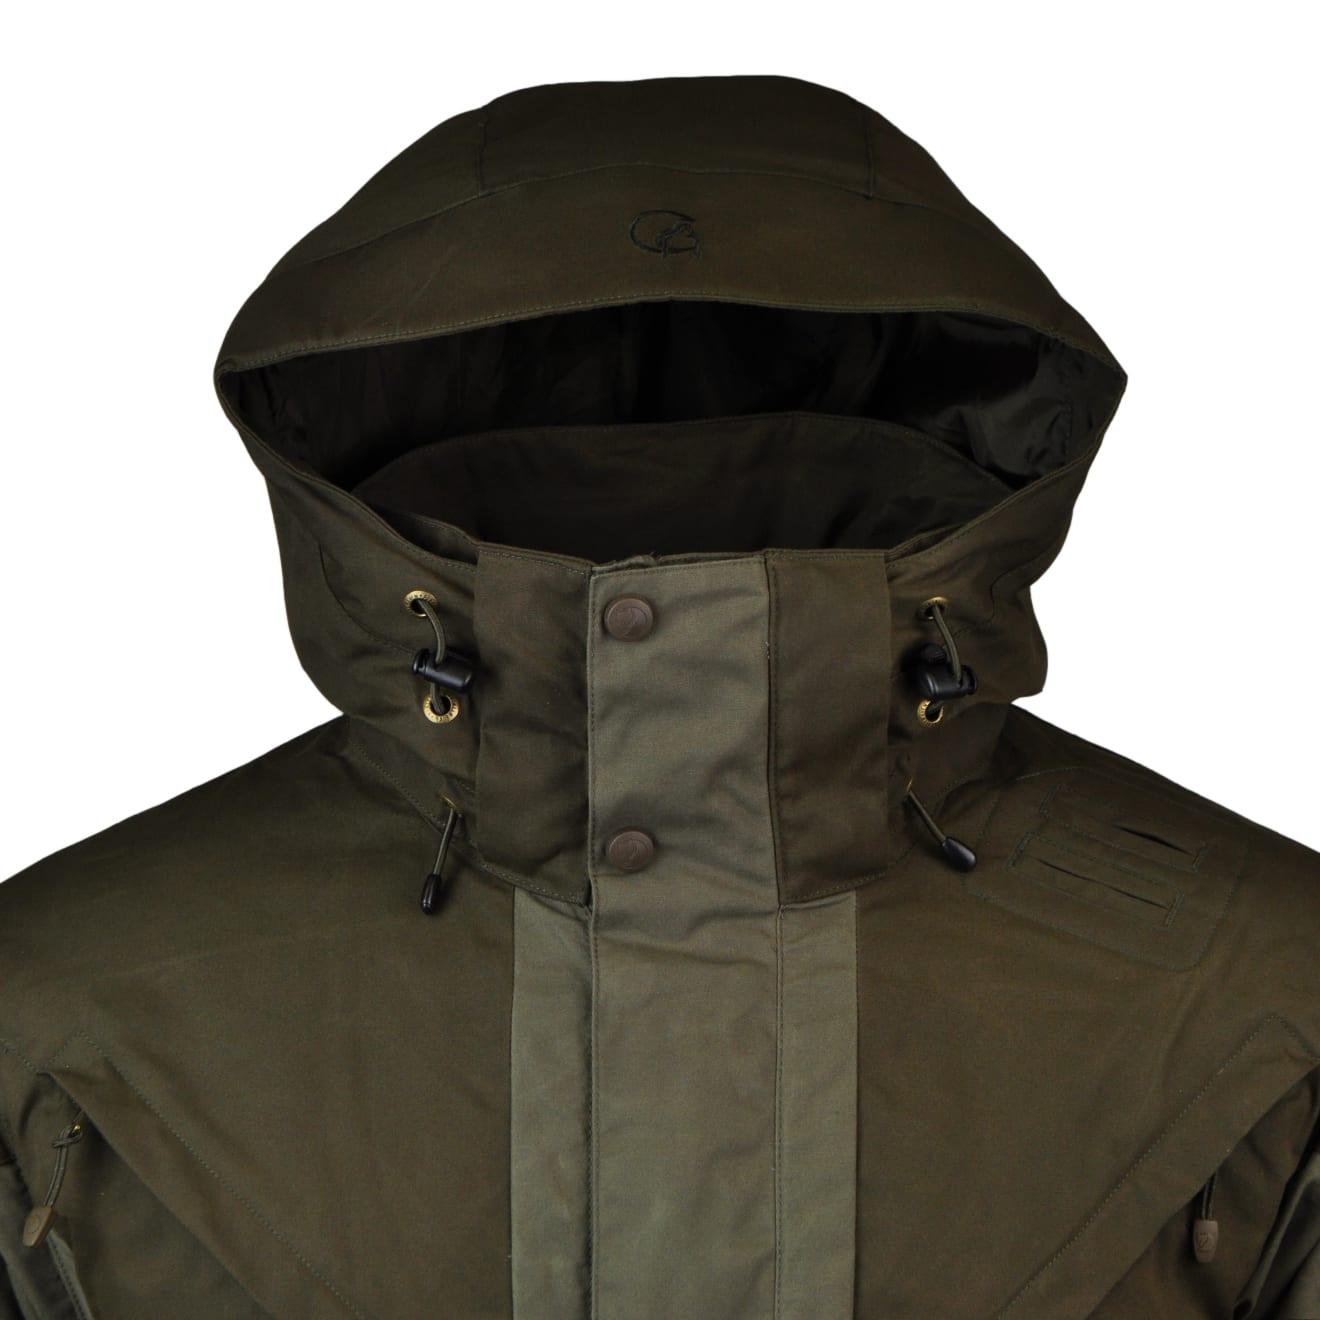 Fjallraven drev jacket dark olive